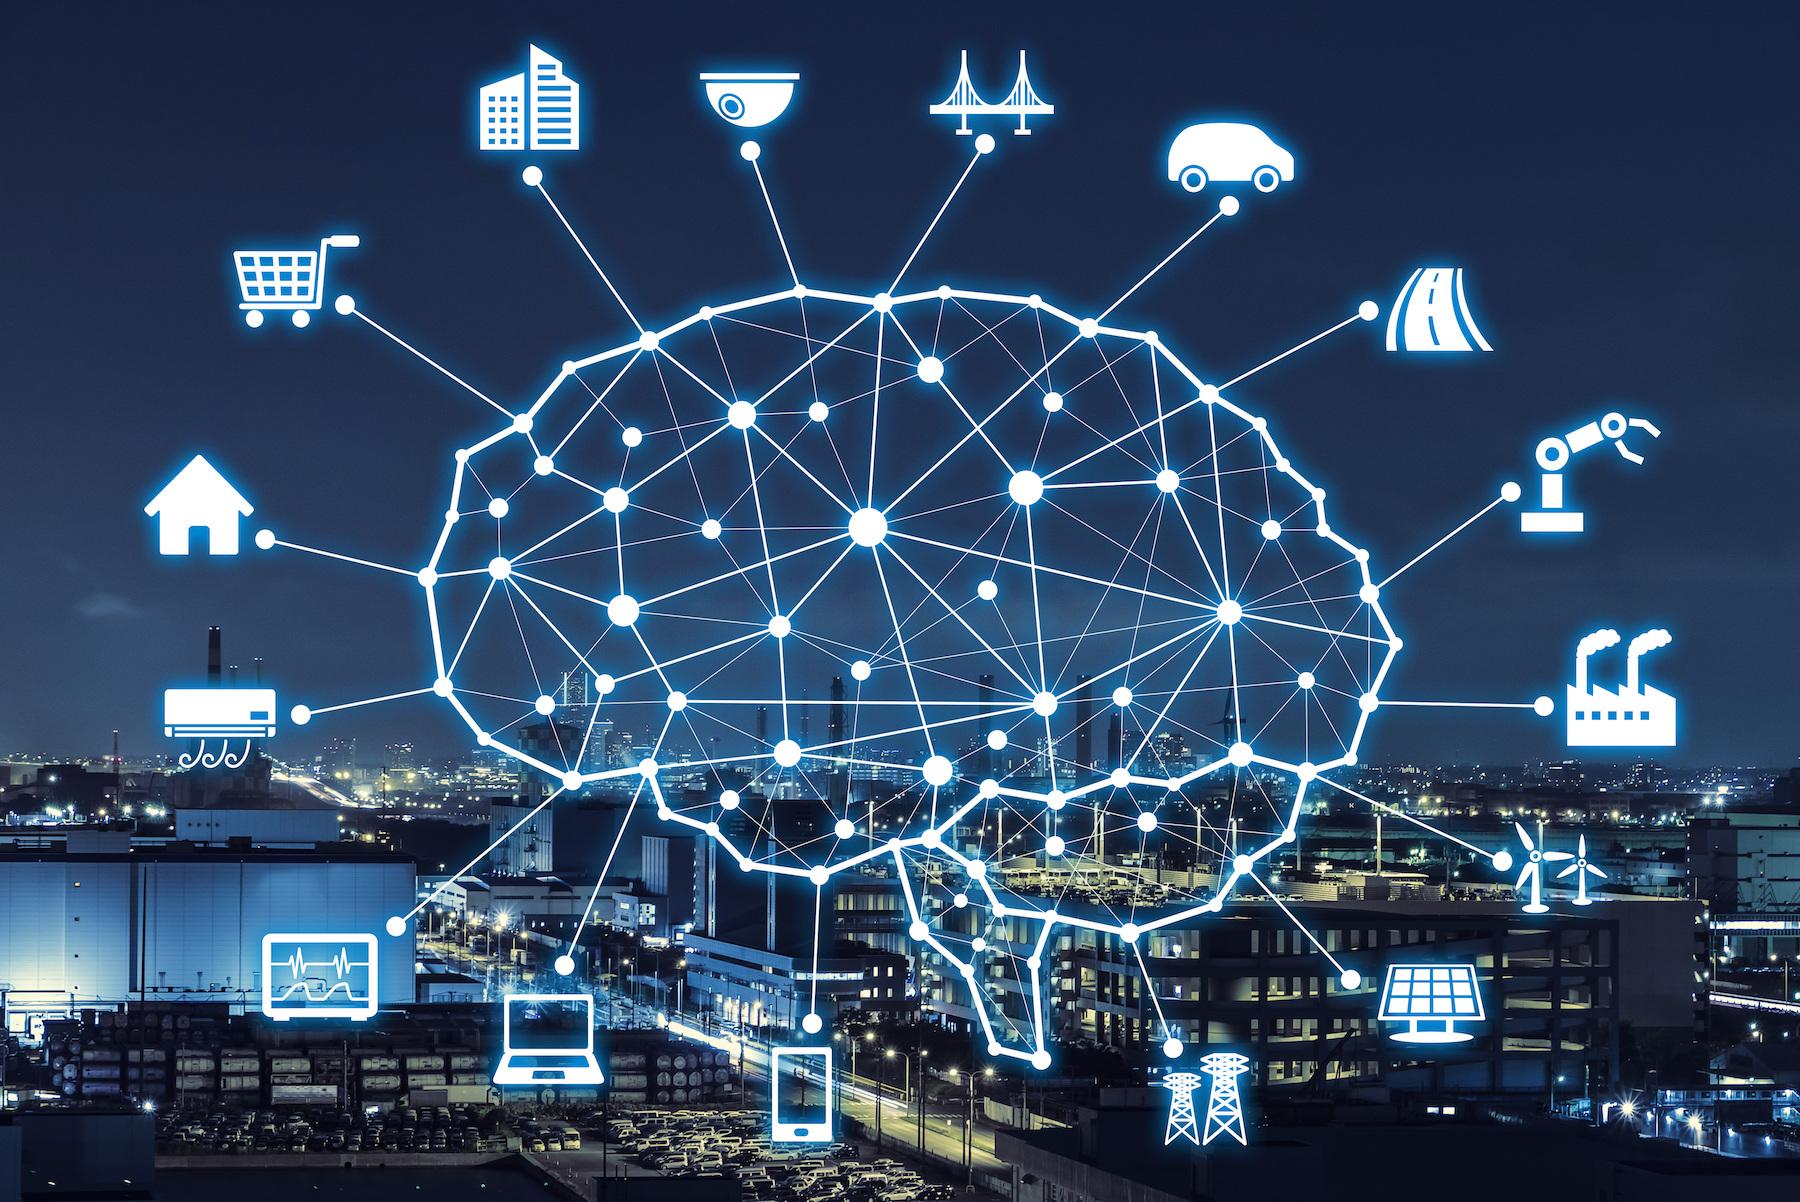 物聯網及人工智能